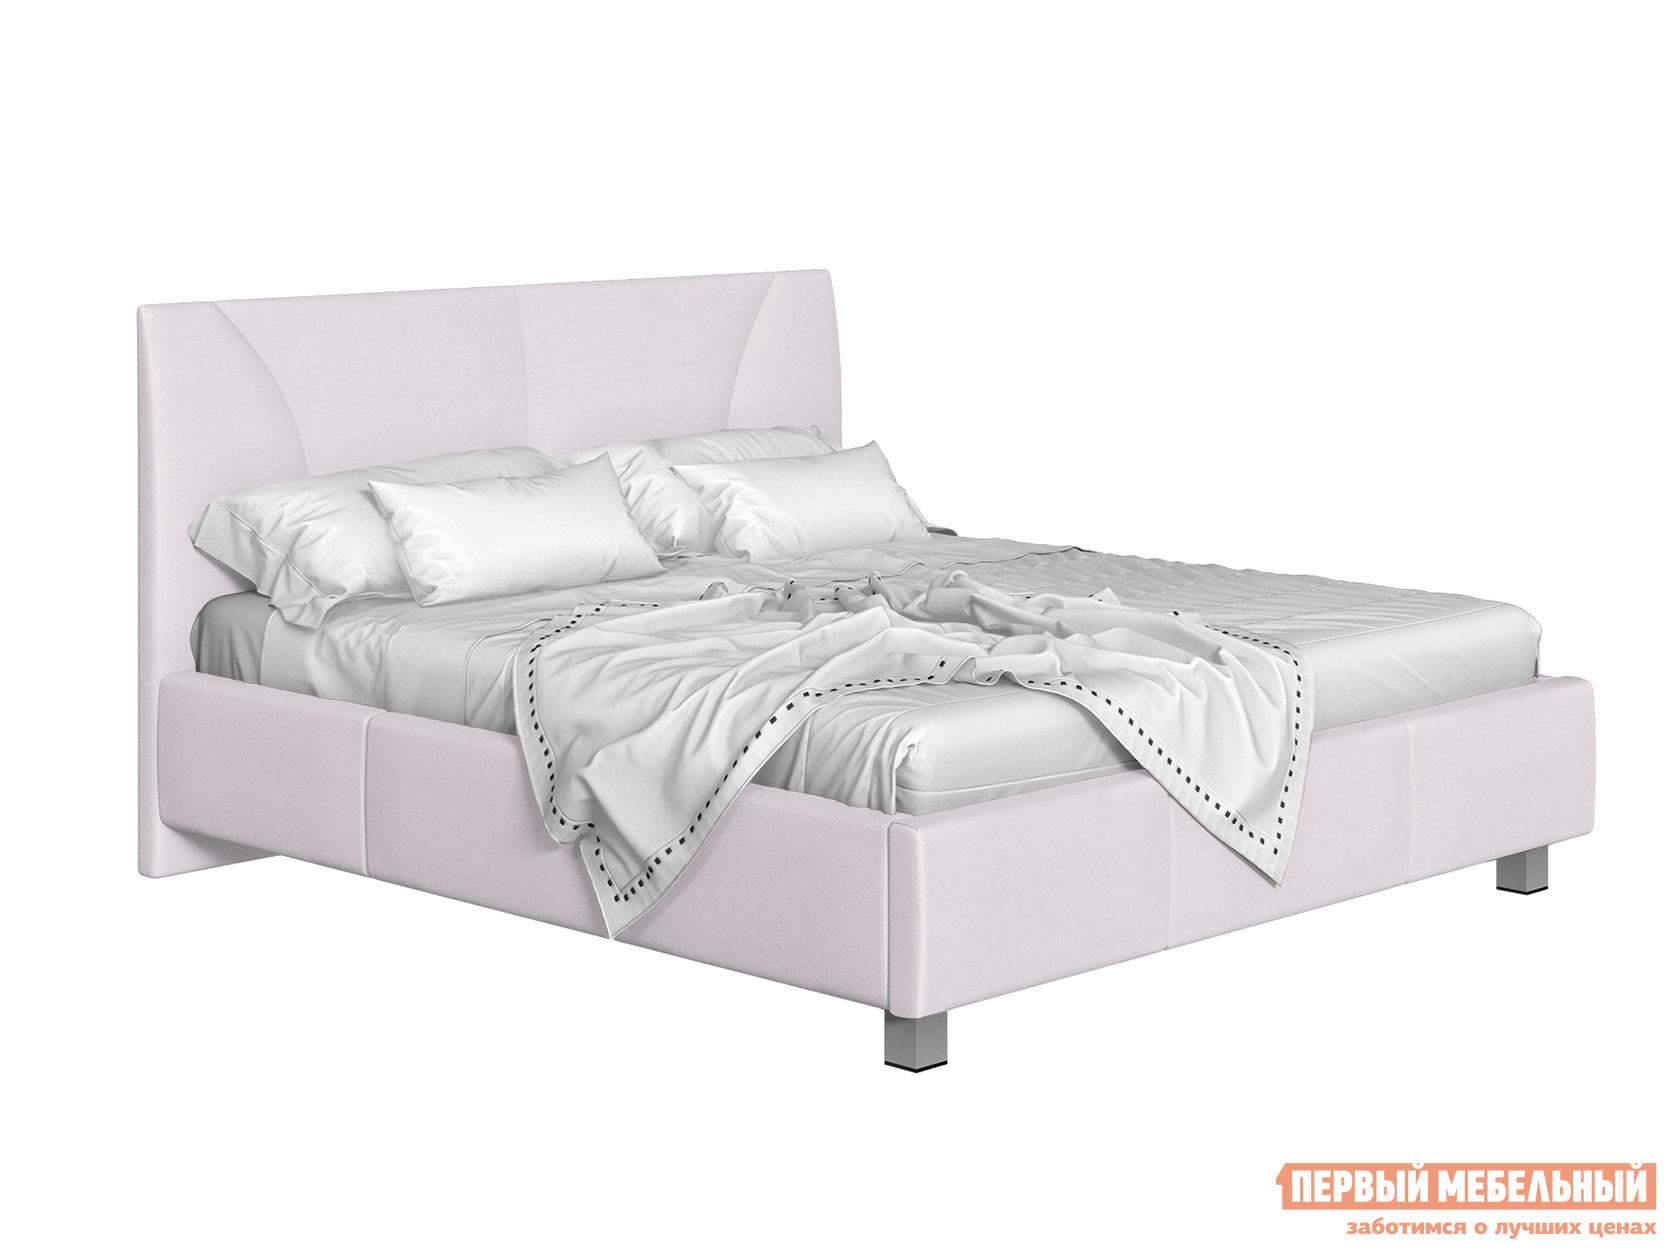 Двуспальная кровать  Кровать с подъемным механизмом Севилья Белый, экокожа, 160х200 см